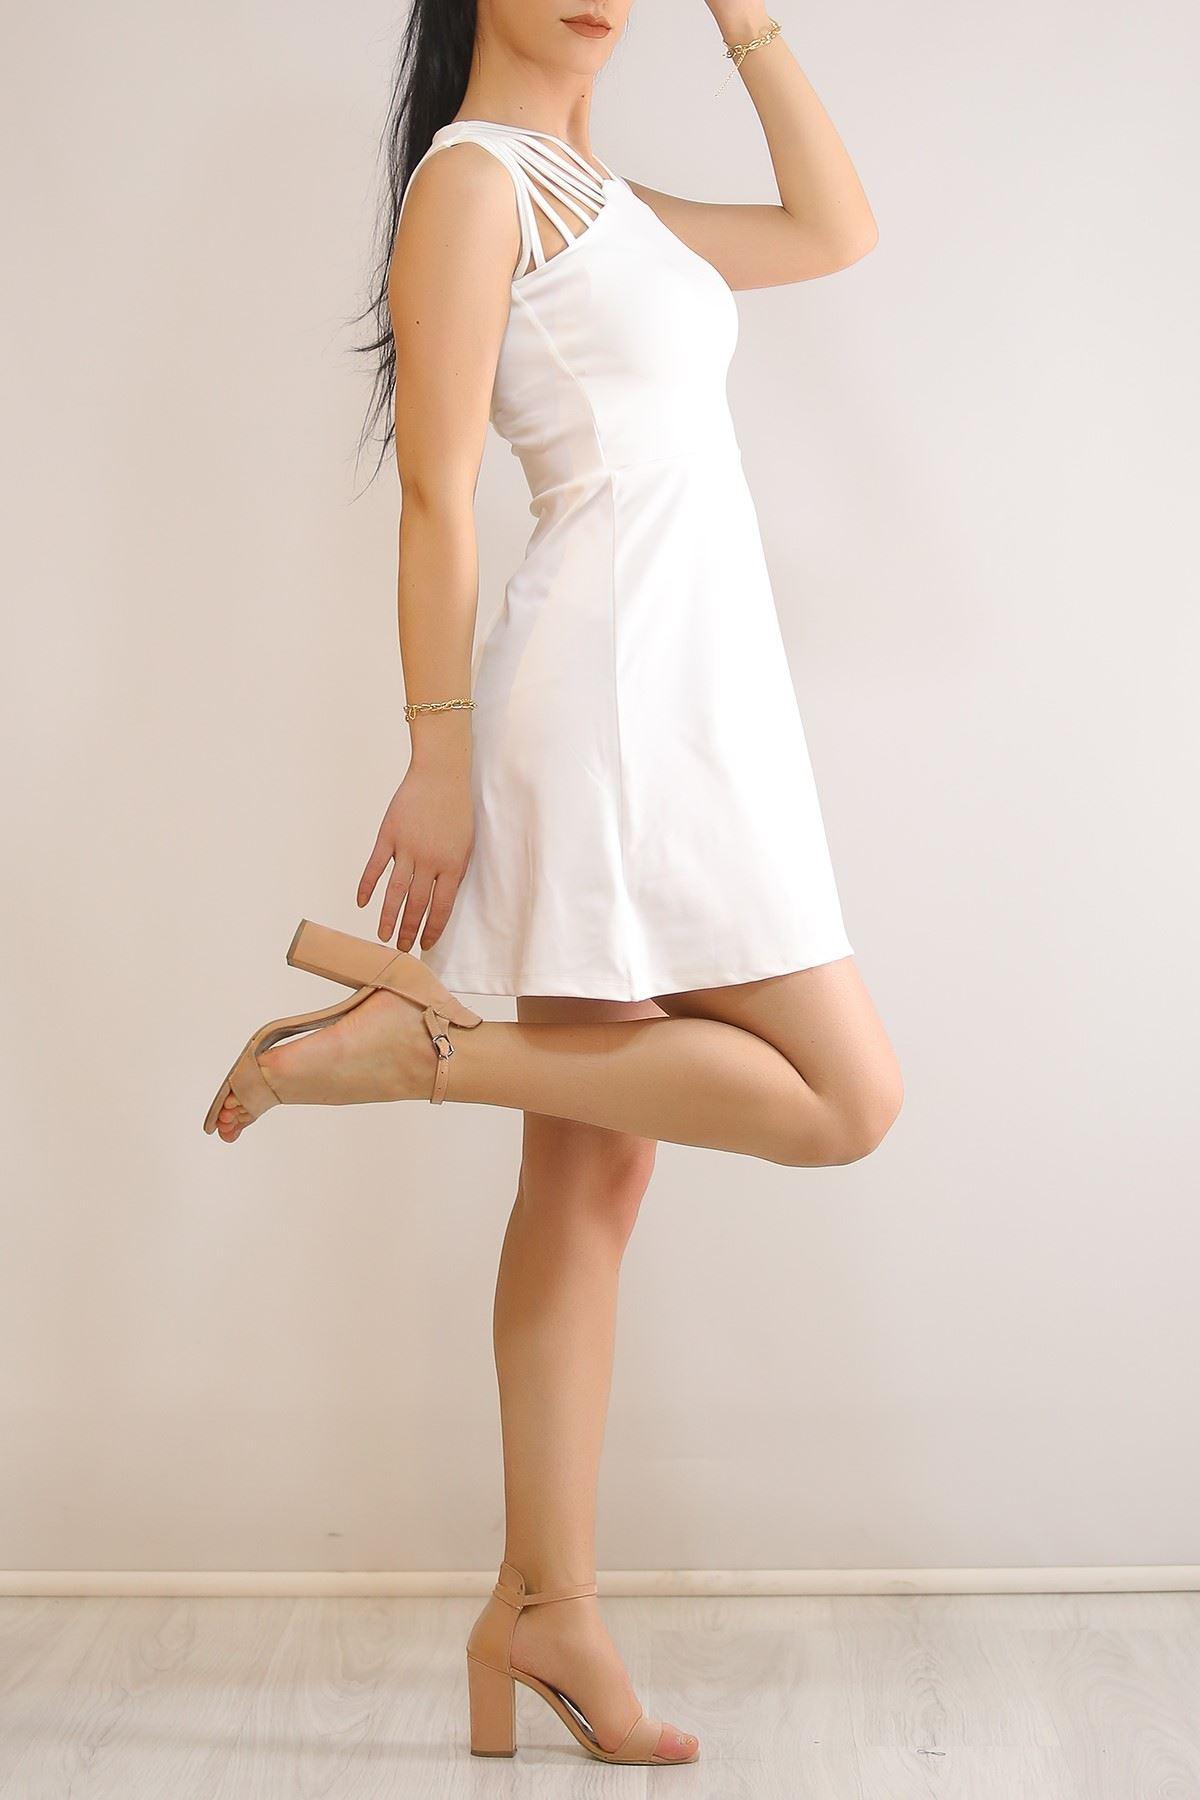 İpli Kloş Elbise Beyaz - 5742.1357.